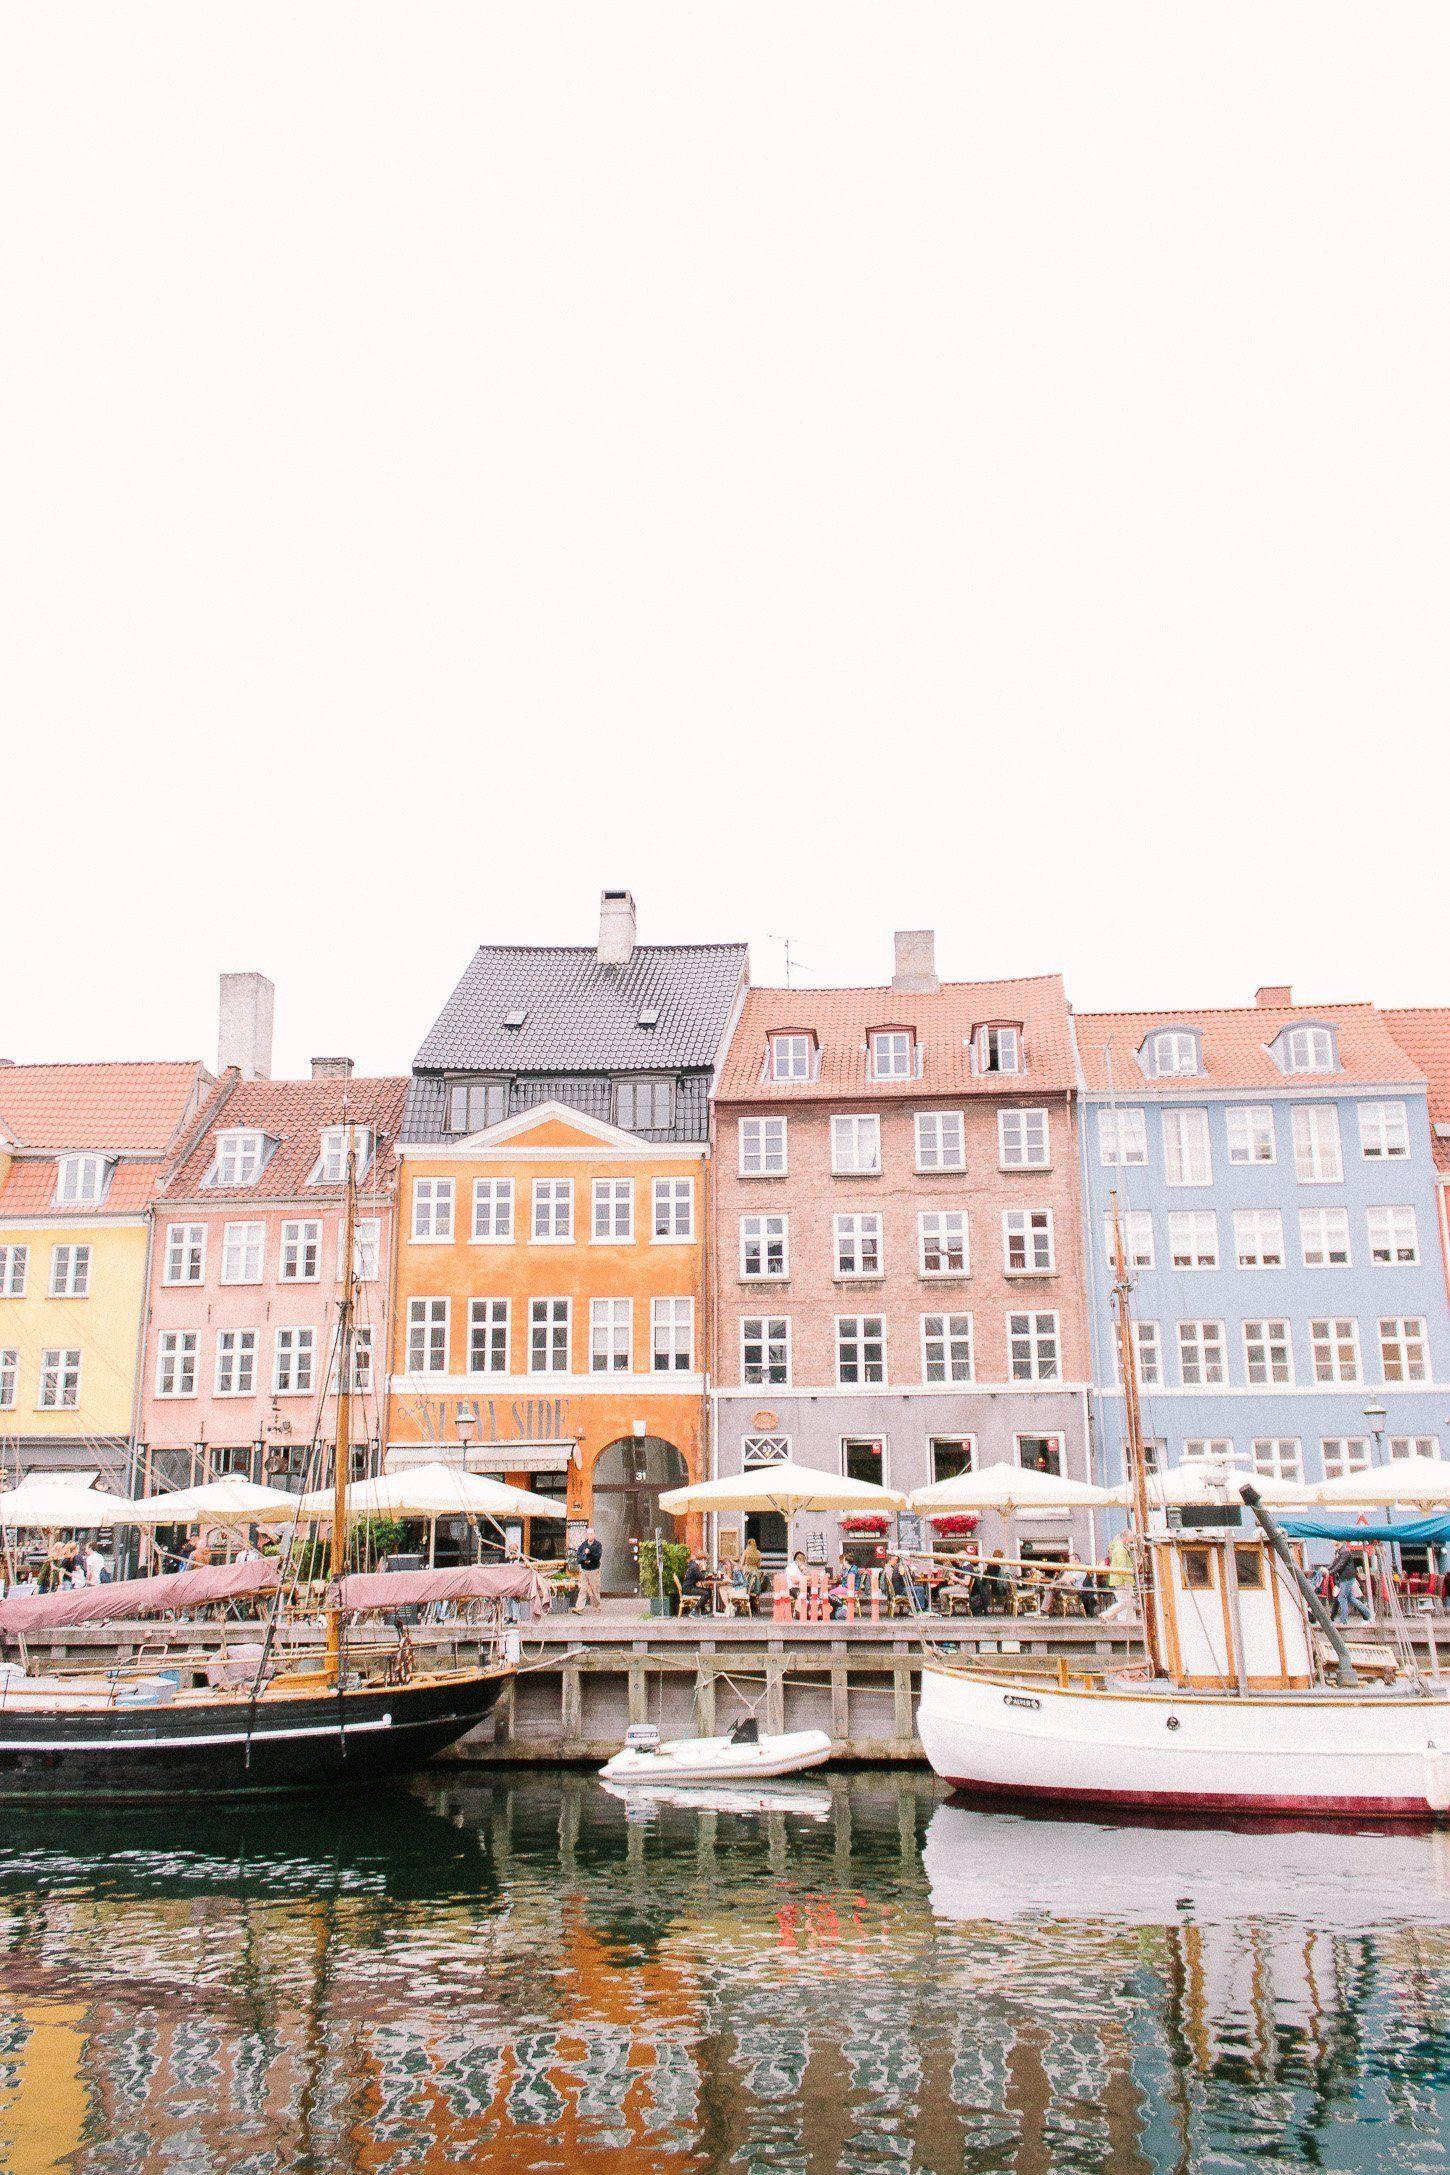 Travel Guide to Copenhagen // Denmark travel guide // First time's guide to Copenhagen // What to do in Copnehhagen // where to stay in copenhagen // Copenhagen Itinerary  #Copenhagen #travelguidetocopenhagen #denmark